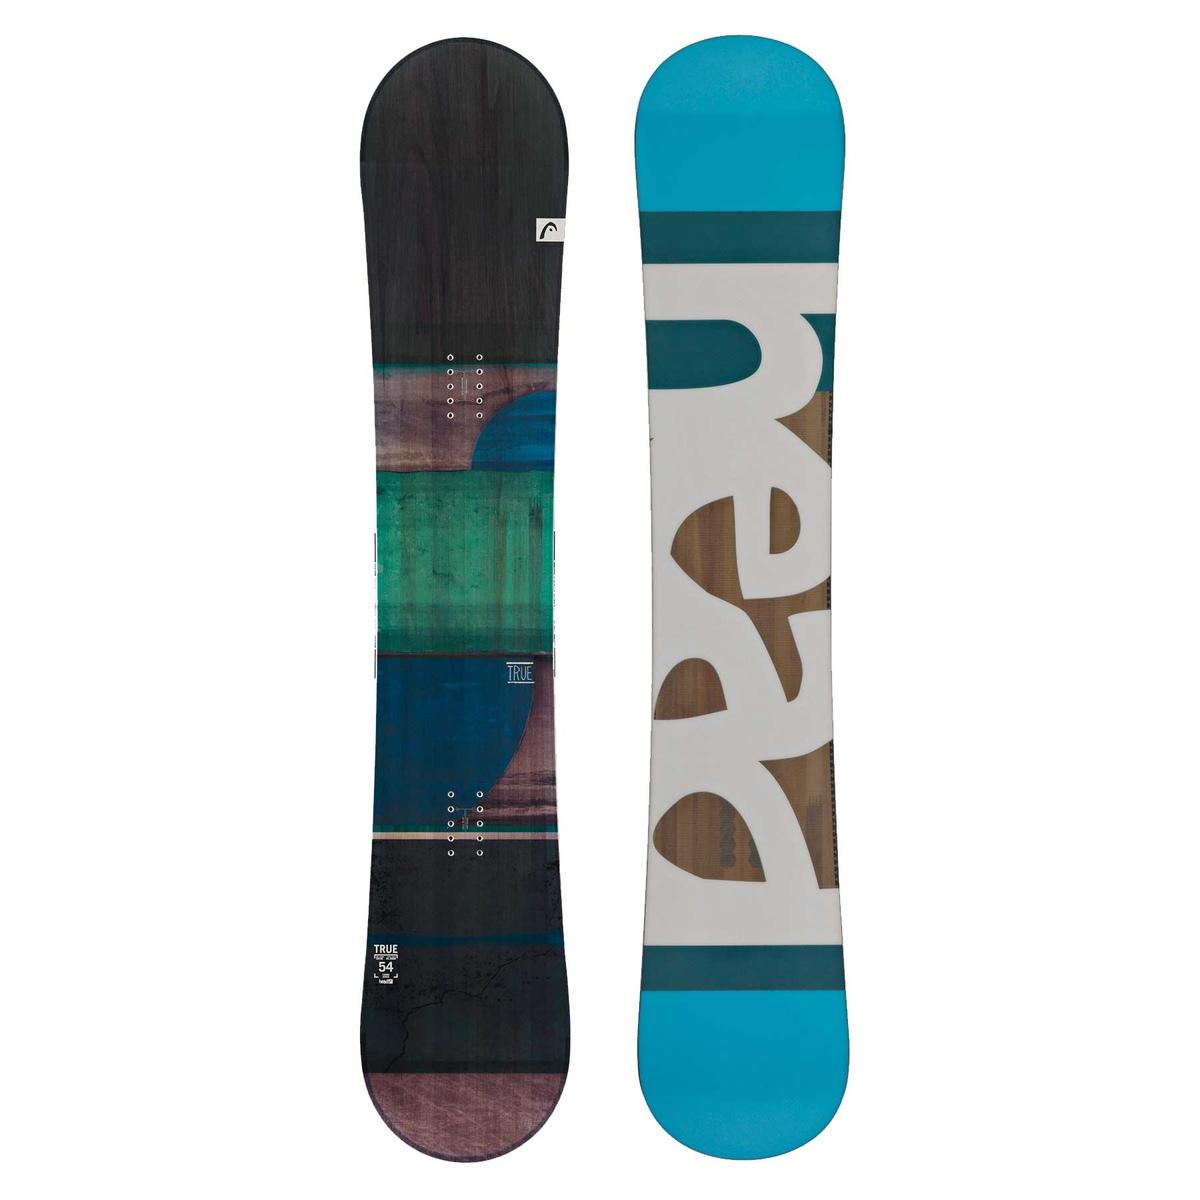 Tavola snowboard attacchi sacca prezzi migliori offerte - Tavola snowboard burton prezzi ...